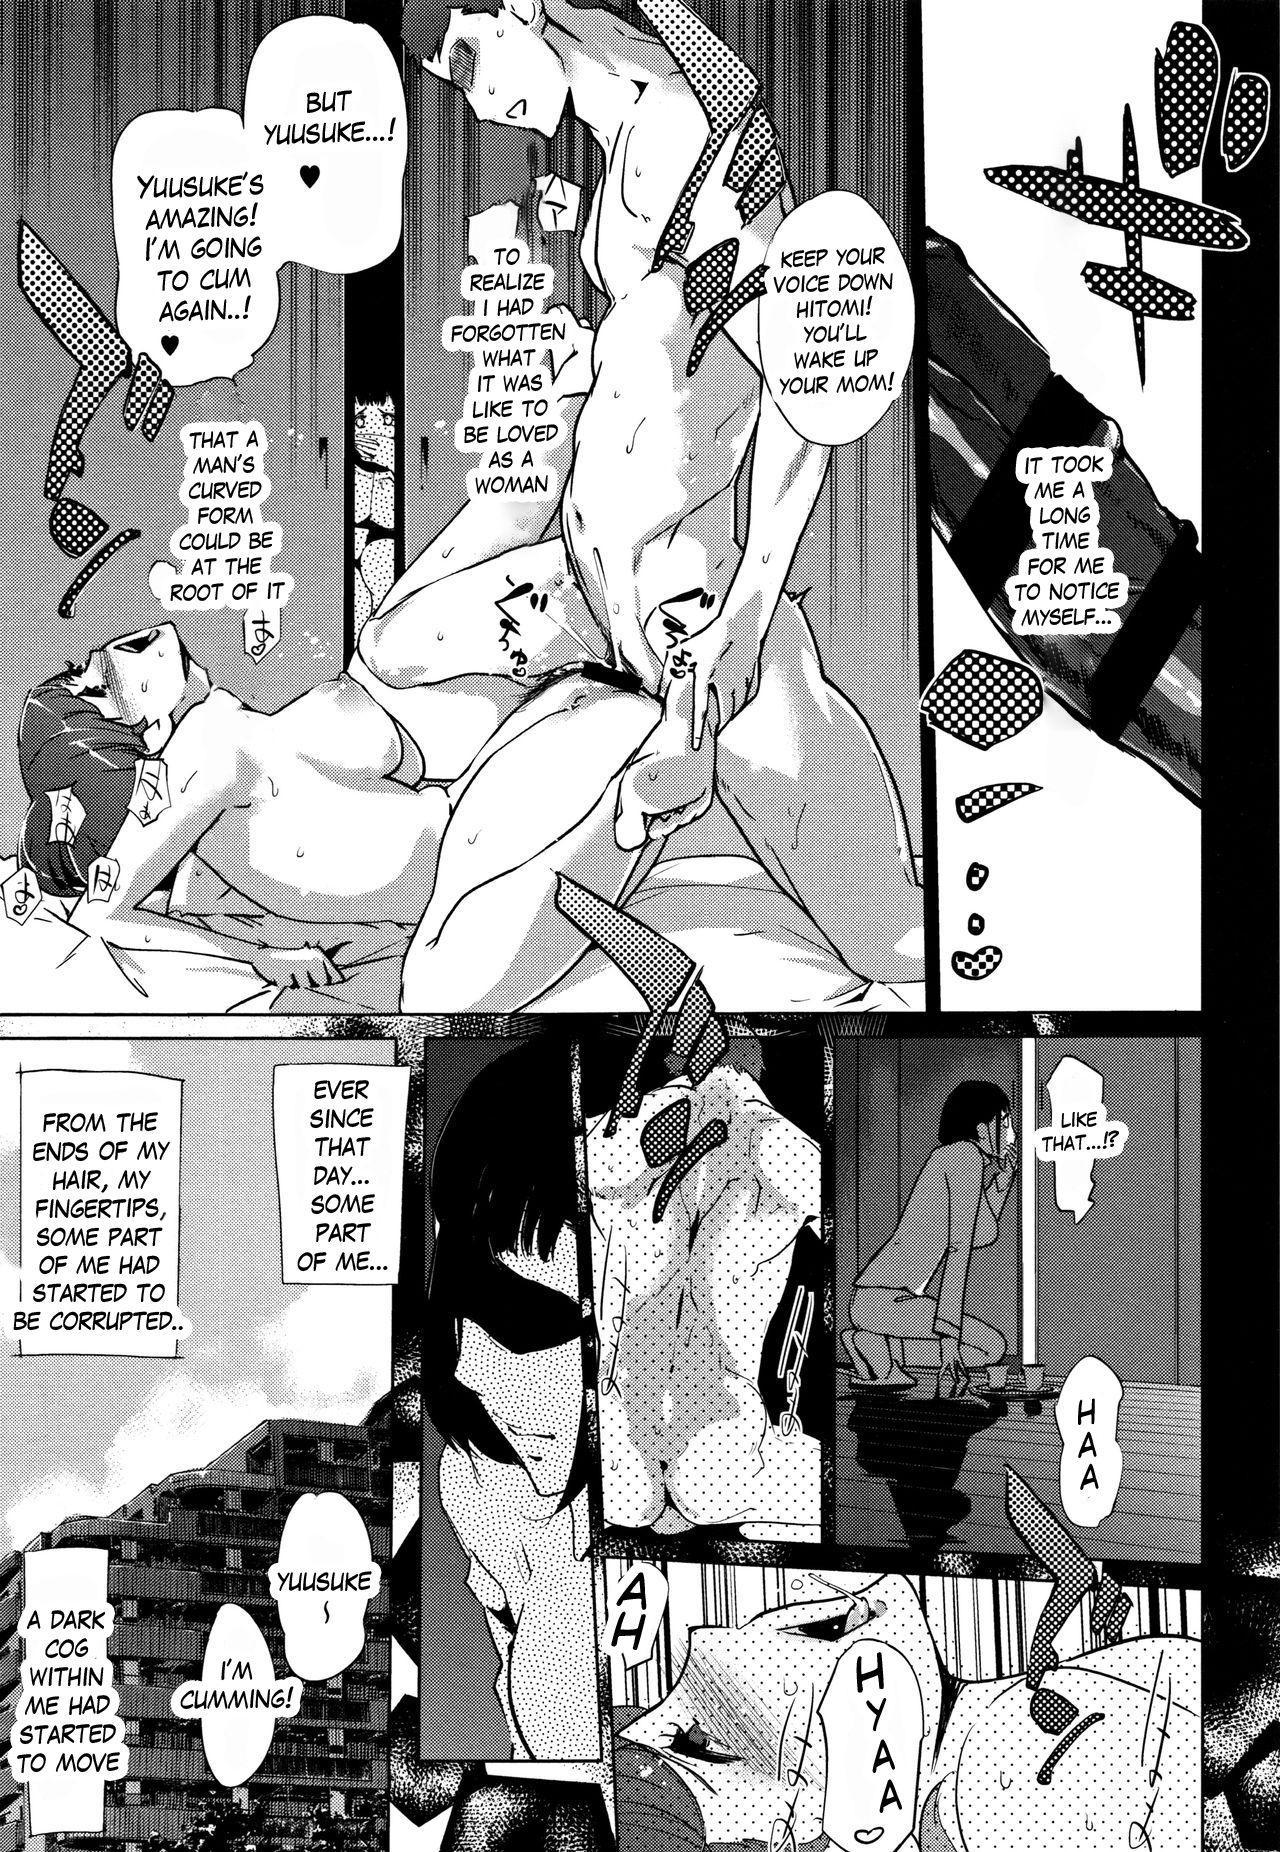 [Clone Ningen] Shinjuiro no Zanzou ~Kazoku ga Neshizumatta Ato de~ Ch. 5 [English] 6